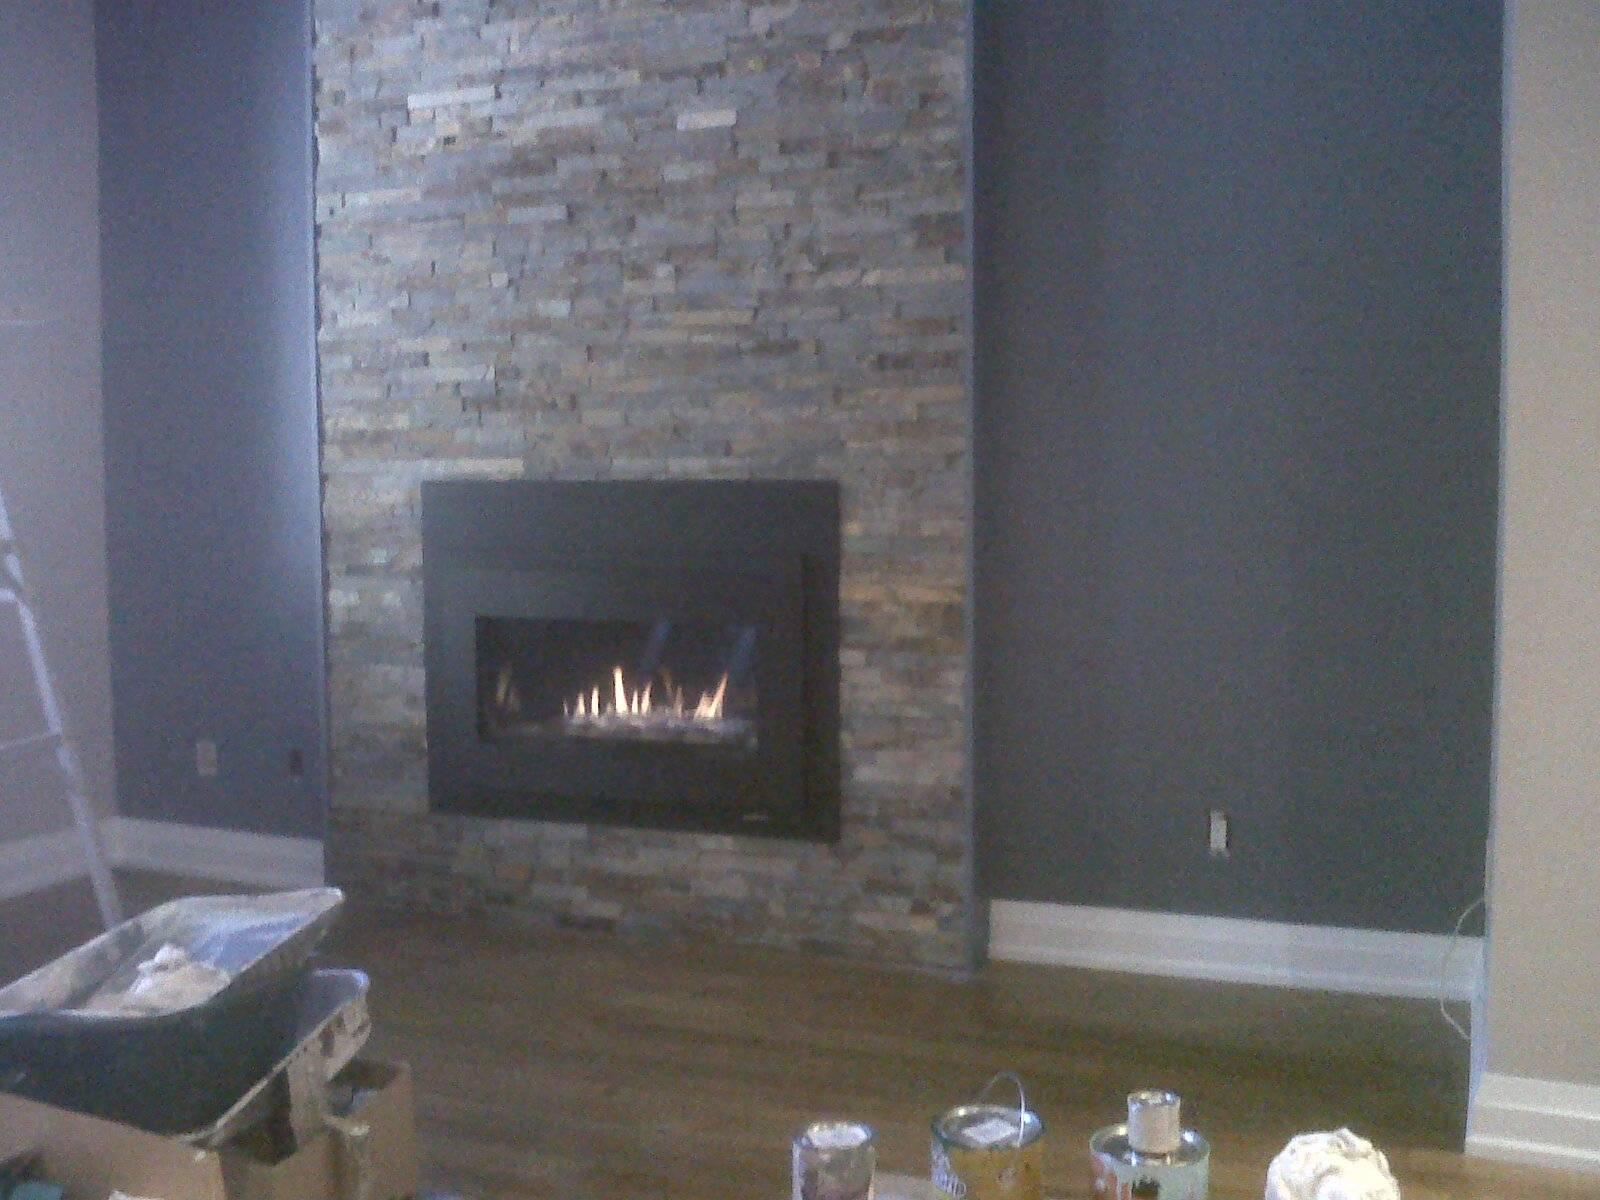 Wall unit fireplace